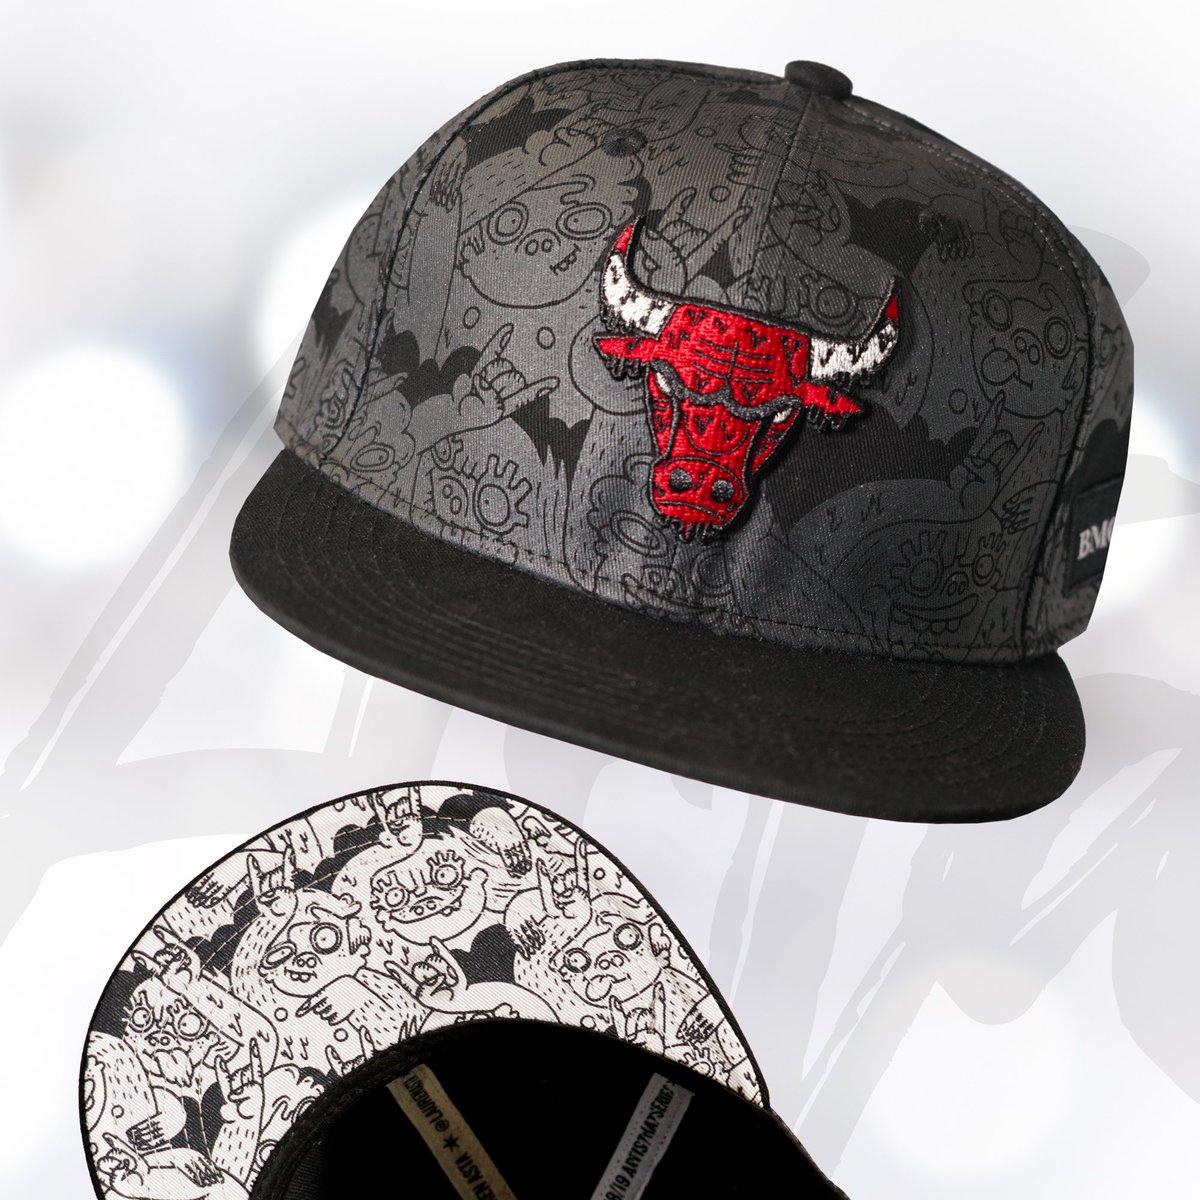 Chicago Bulls on Twitter: